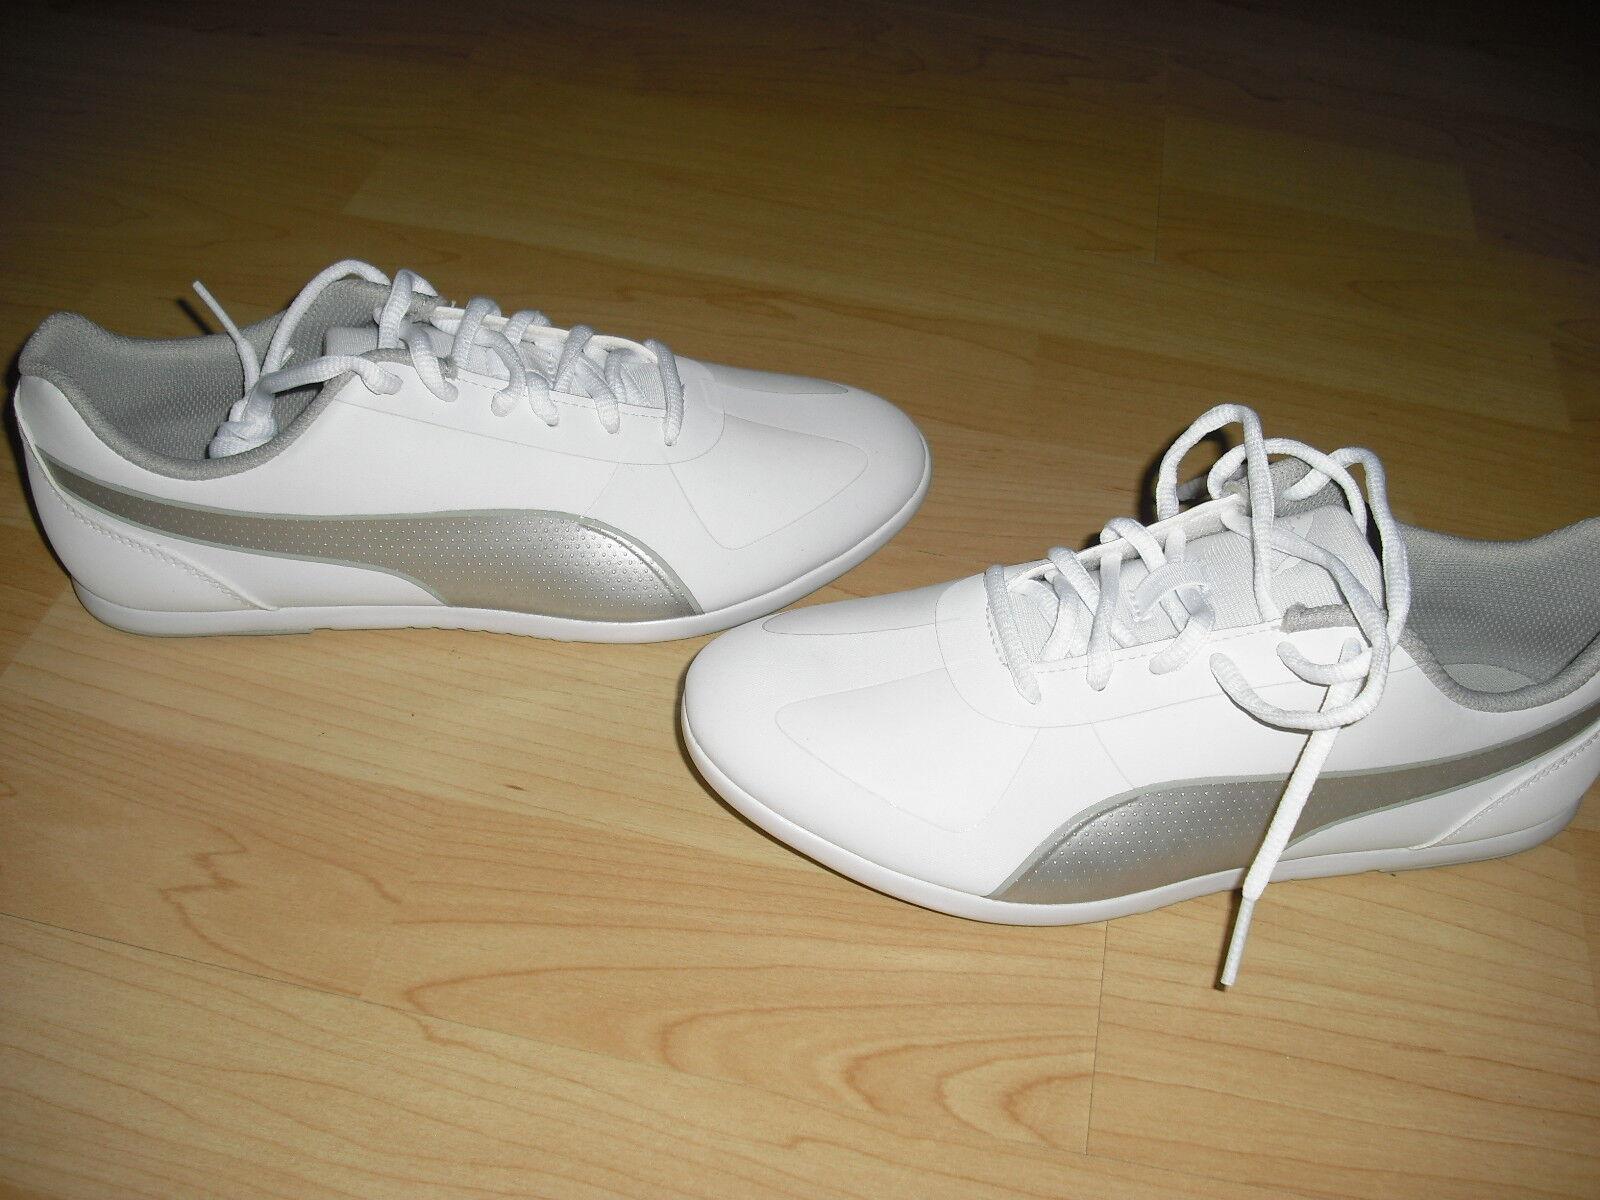 Sneaker Turnschuhe von Gr. Puma weiß grau siber Gr. von 38,5 UK 5.5 NEU 4bfca6